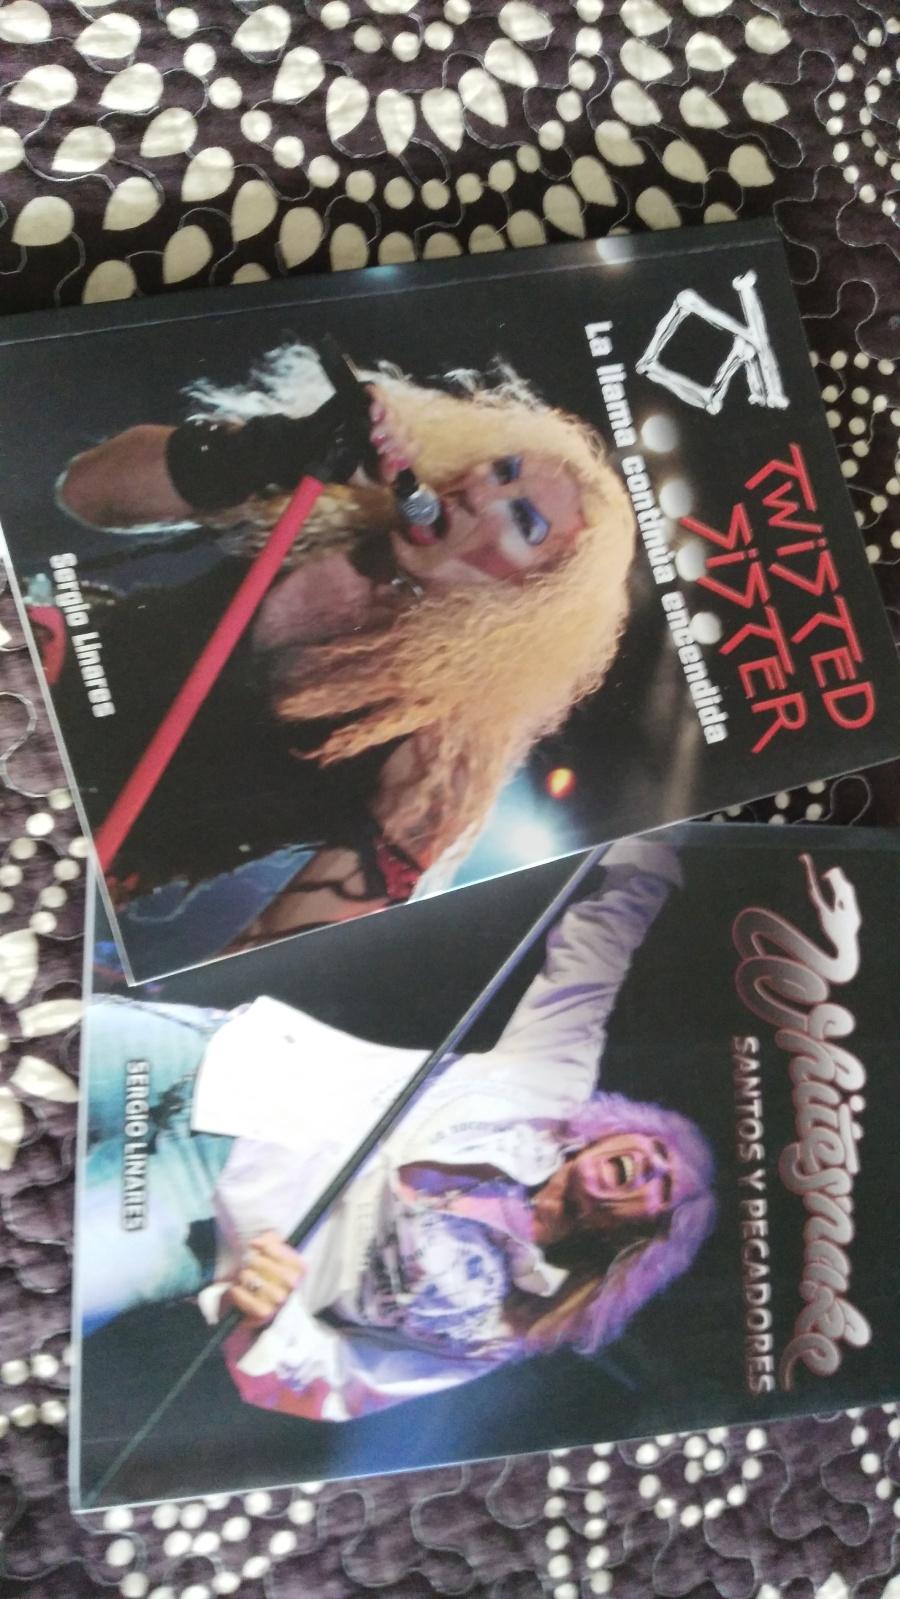 Whitesnake - Página 5 25a6rtt